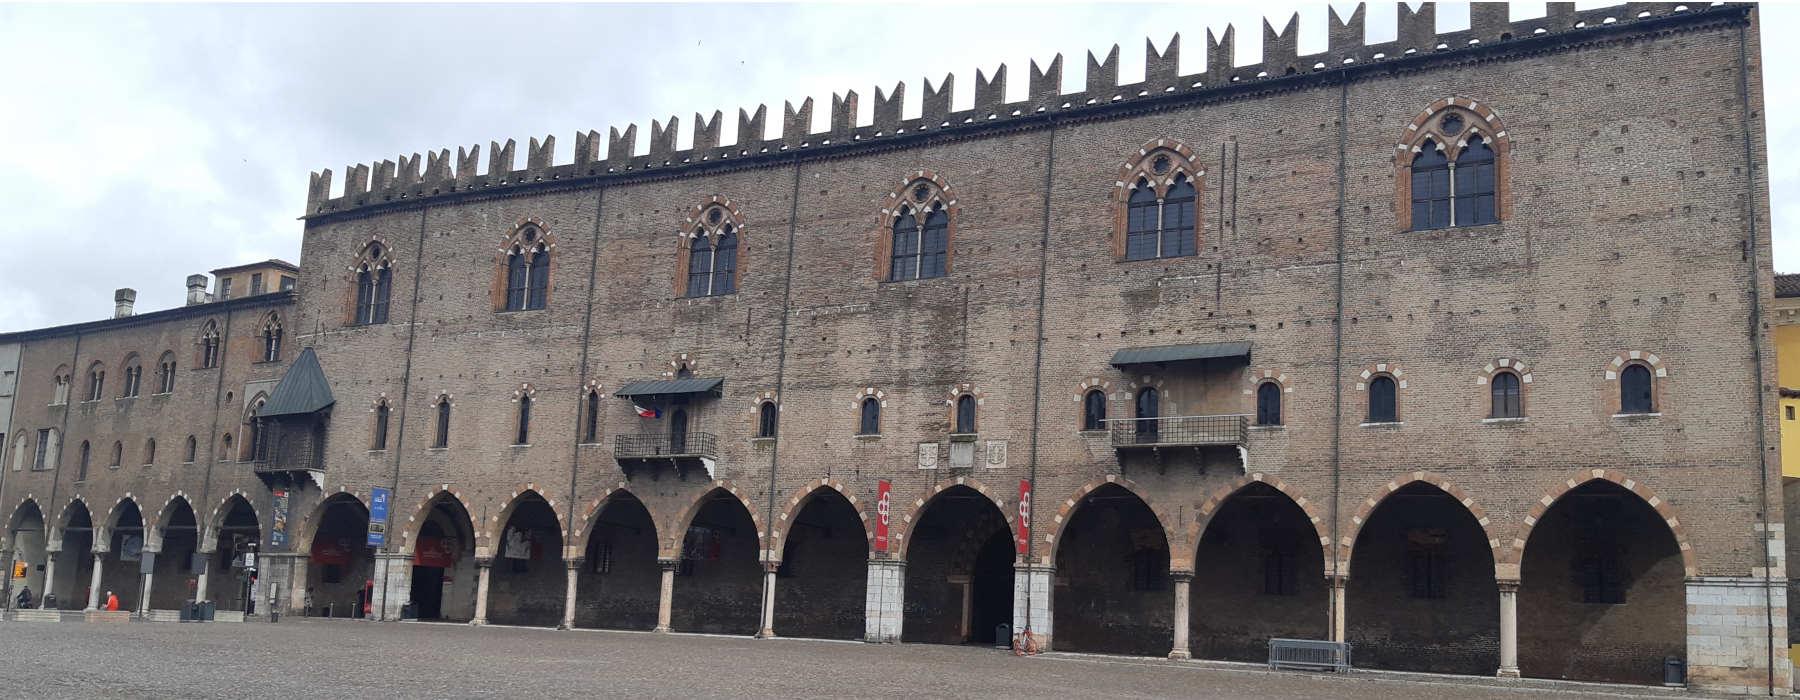 Crema, Cremona og Mantova i Lombardiet